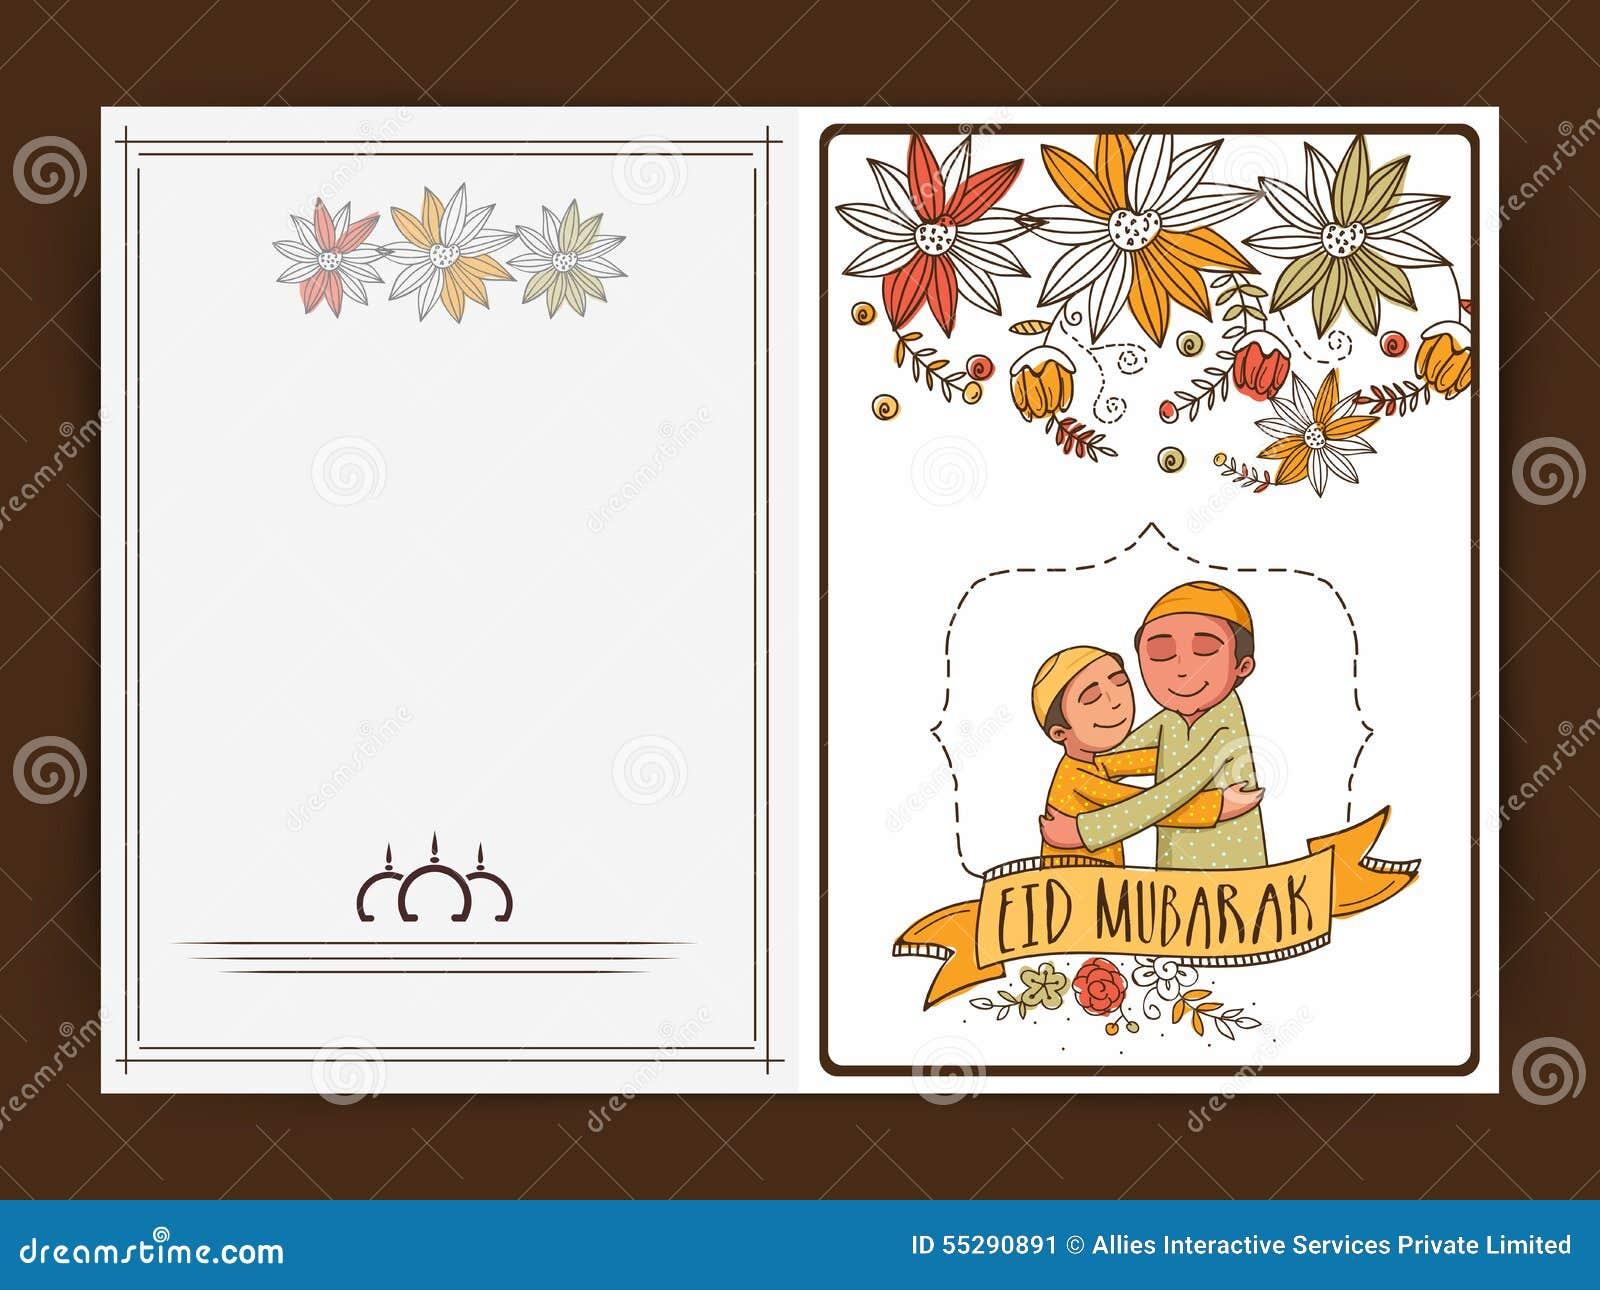 Beautiful greeting card for eid mubarak celebration stock image royalty free stock photo kristyandbryce Choice Image